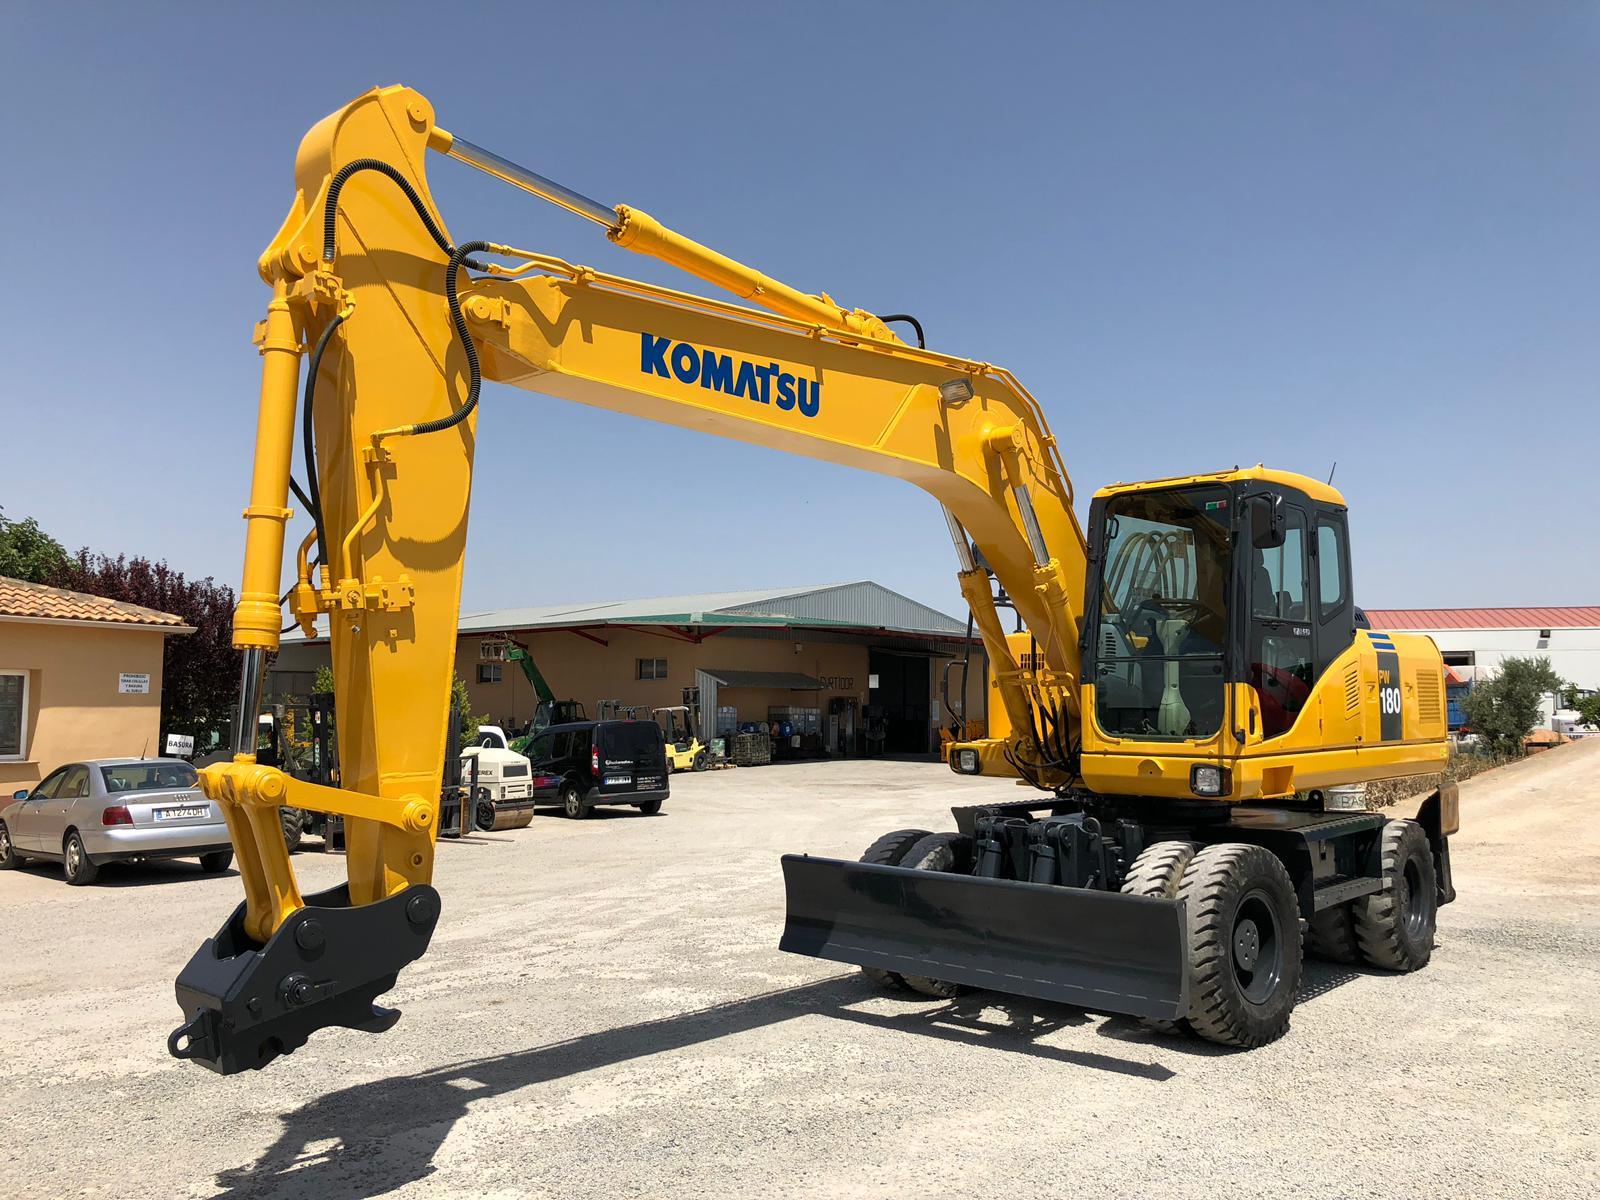 2006-komatsu-pw180-7k-15841829